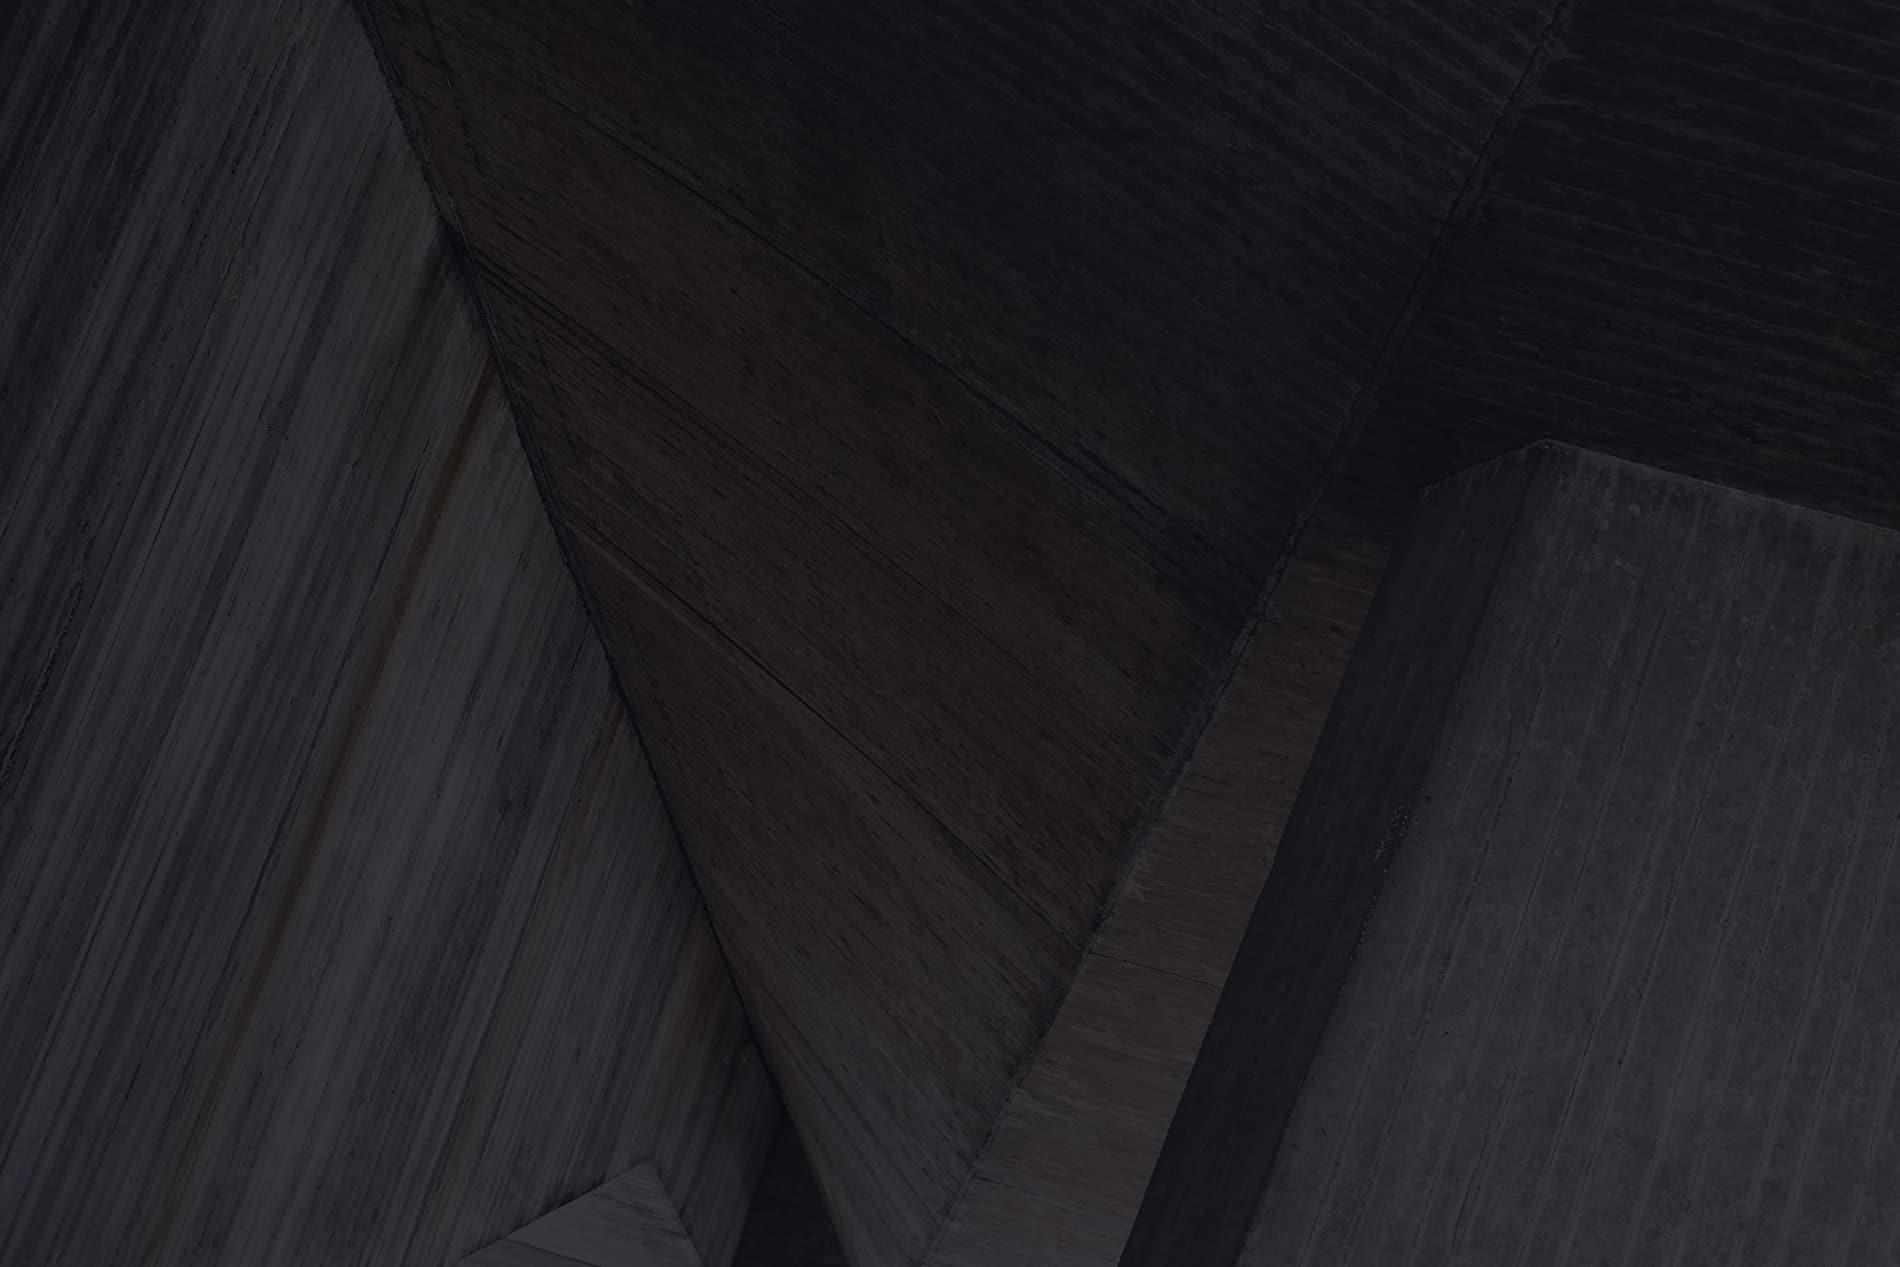 Hintergrund schwarz Material